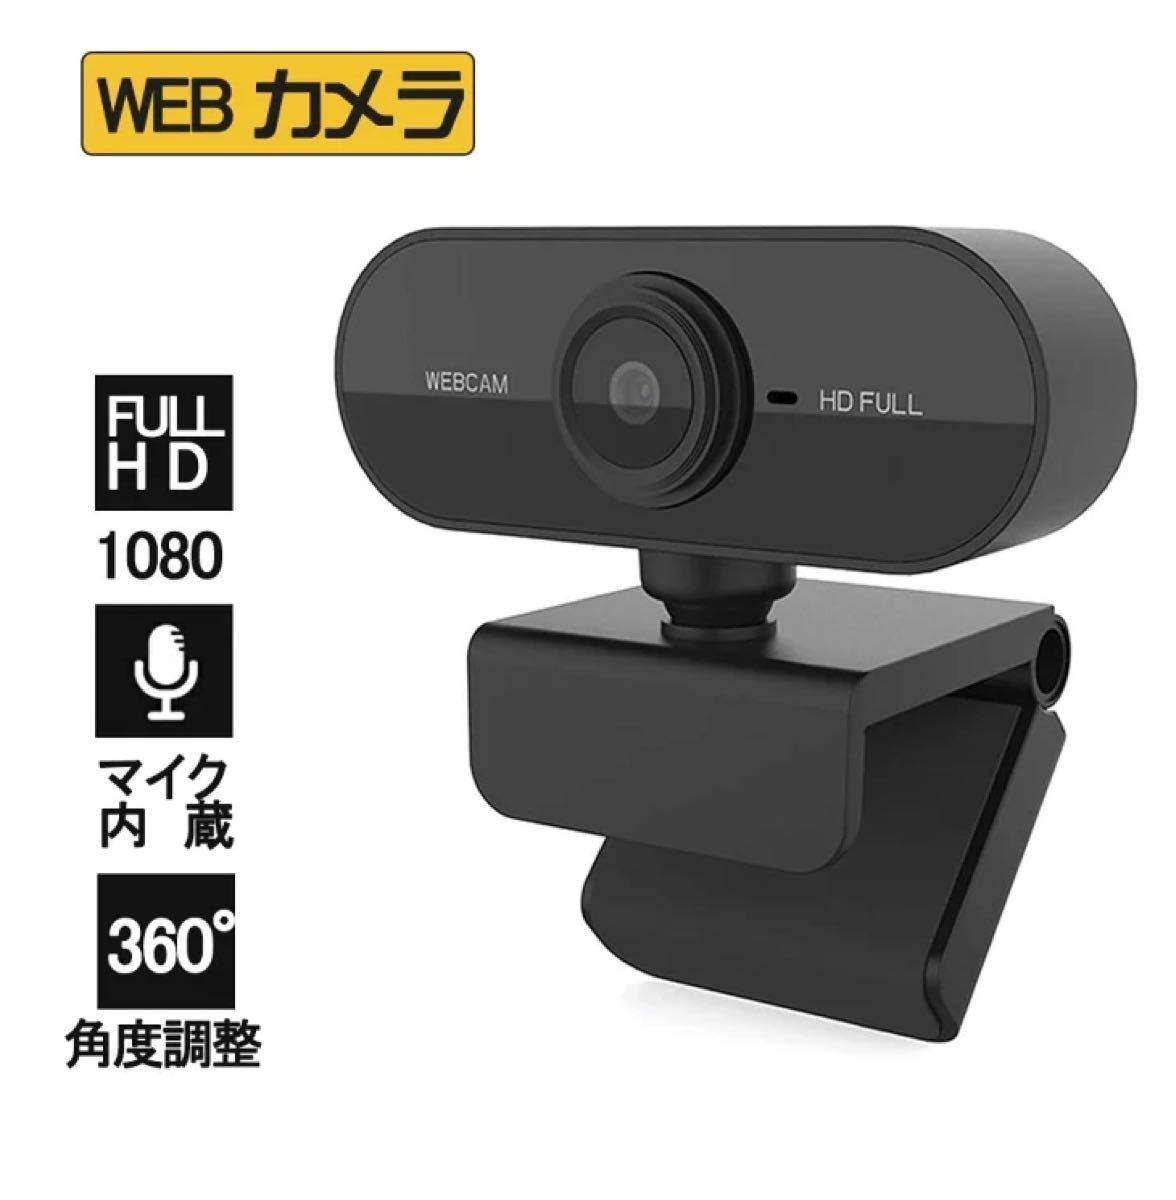 Webカメラ マイク内蔵 フルHD 1080P ウェブカメラ 360°回転 30FPS 200万画素